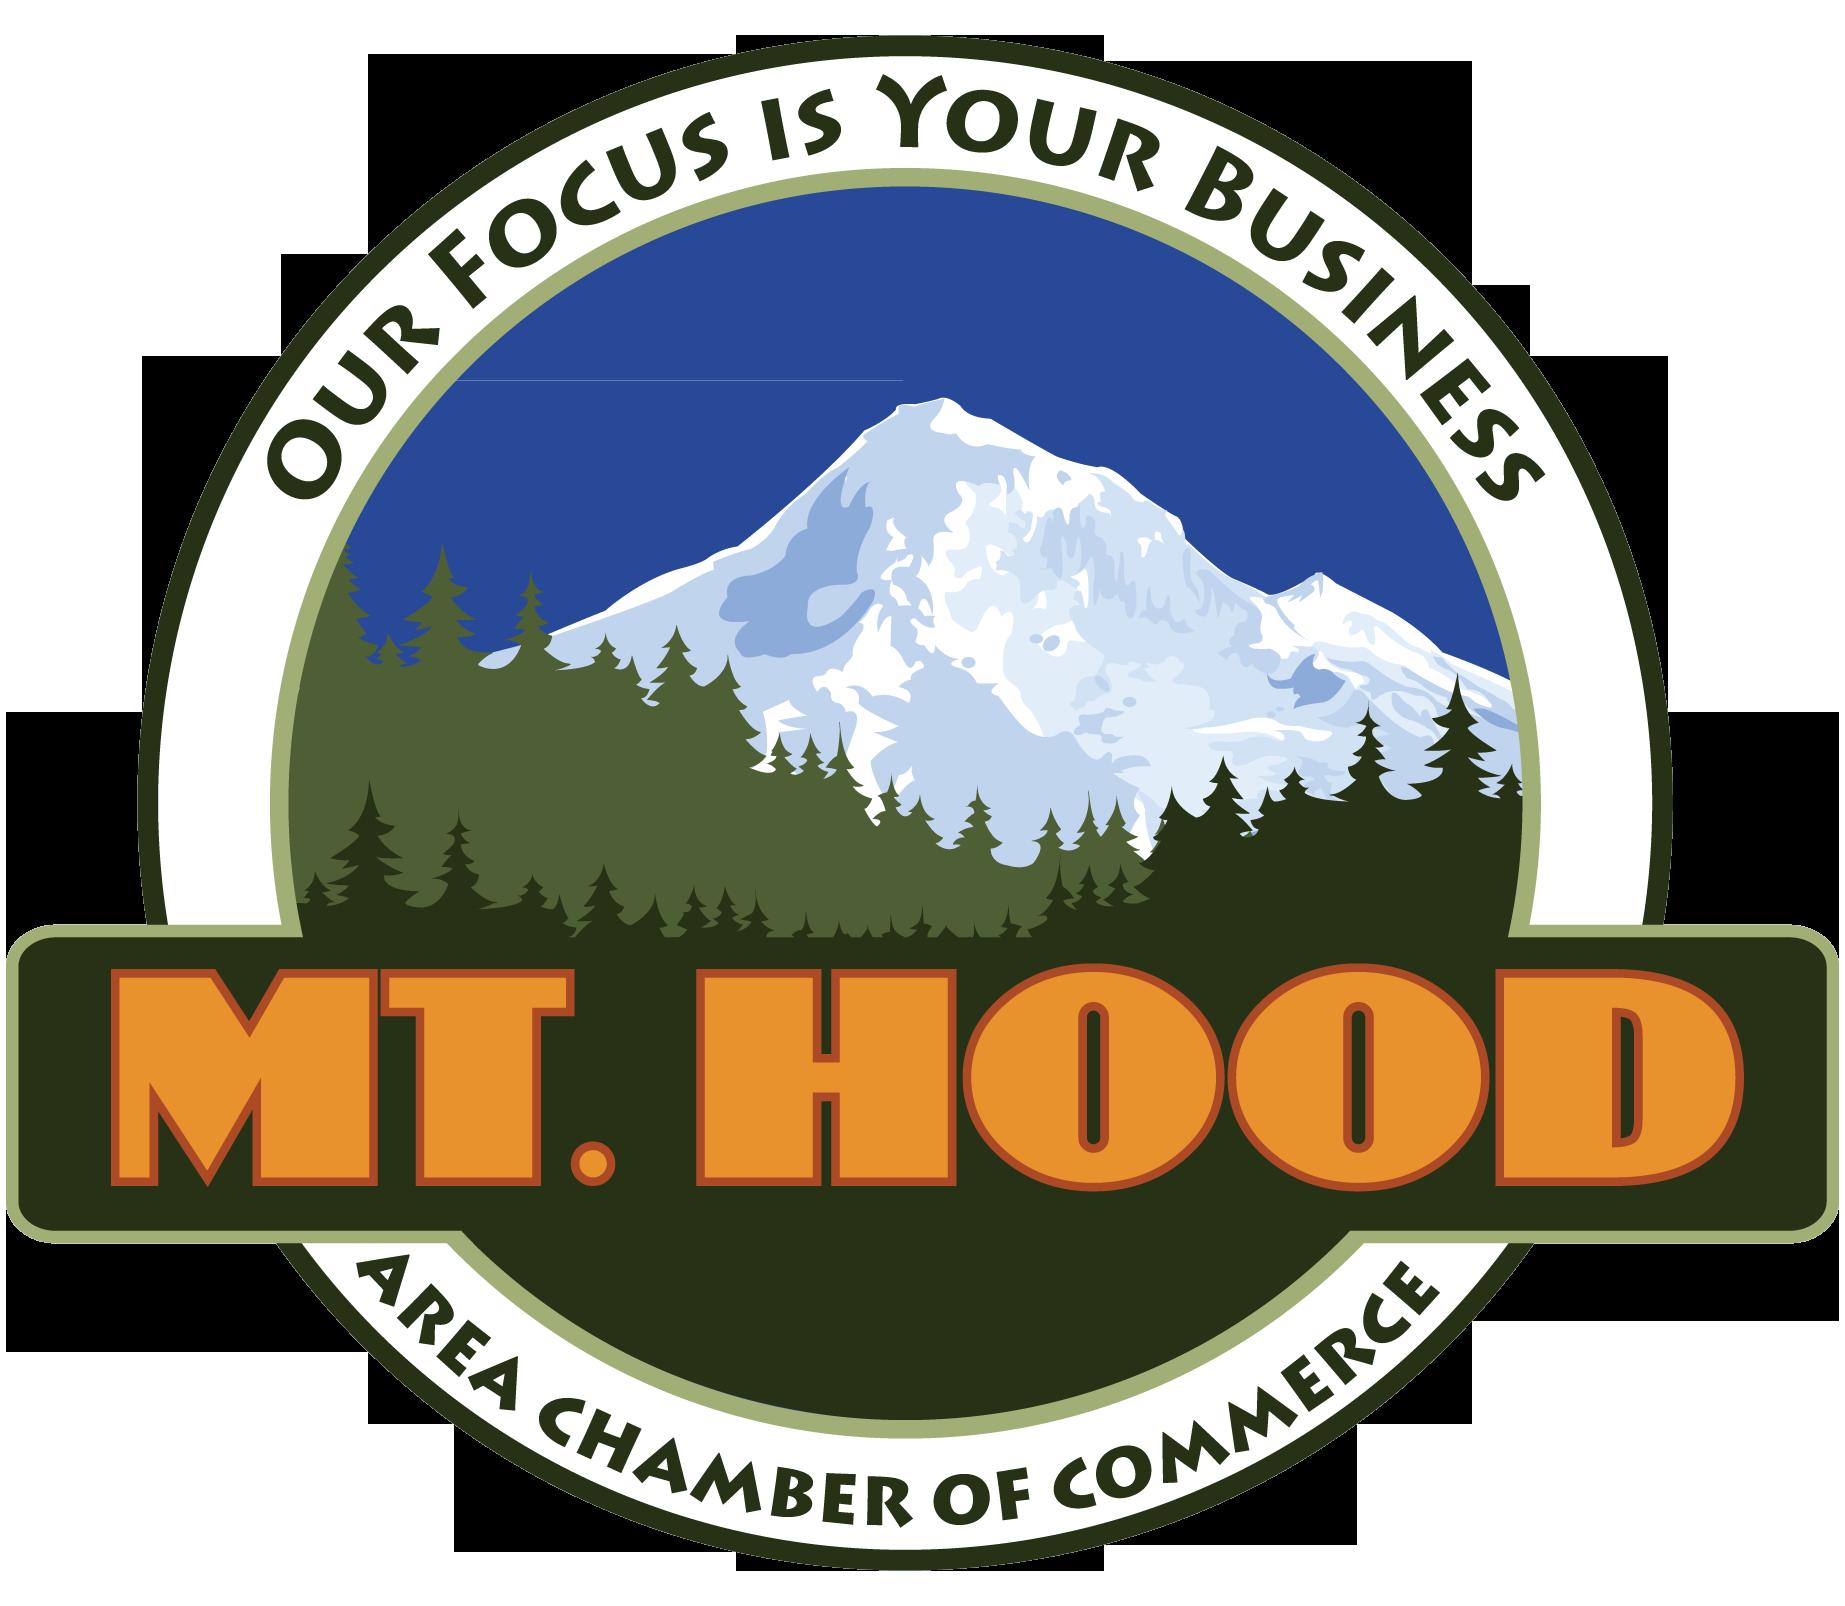 Mt. Hood Area Chamber